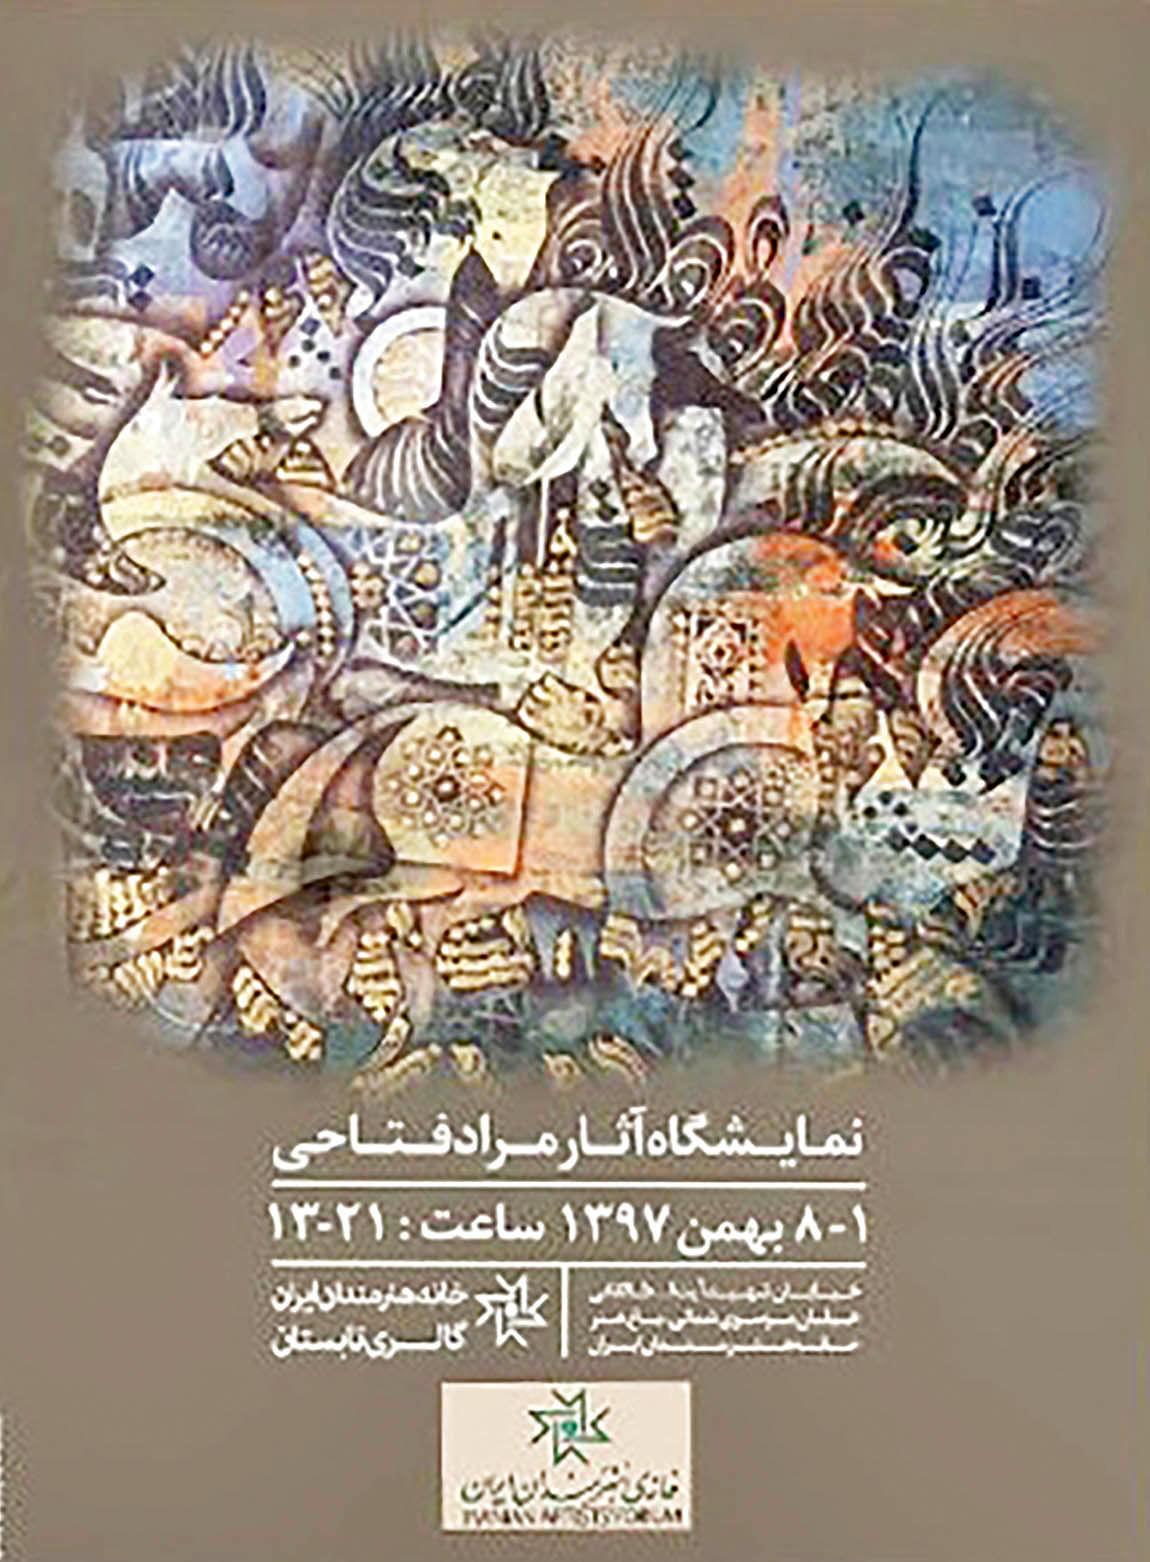 نمایشگاه نقاشی و نقاشیخطهای بداهه در خانه هنرمندان